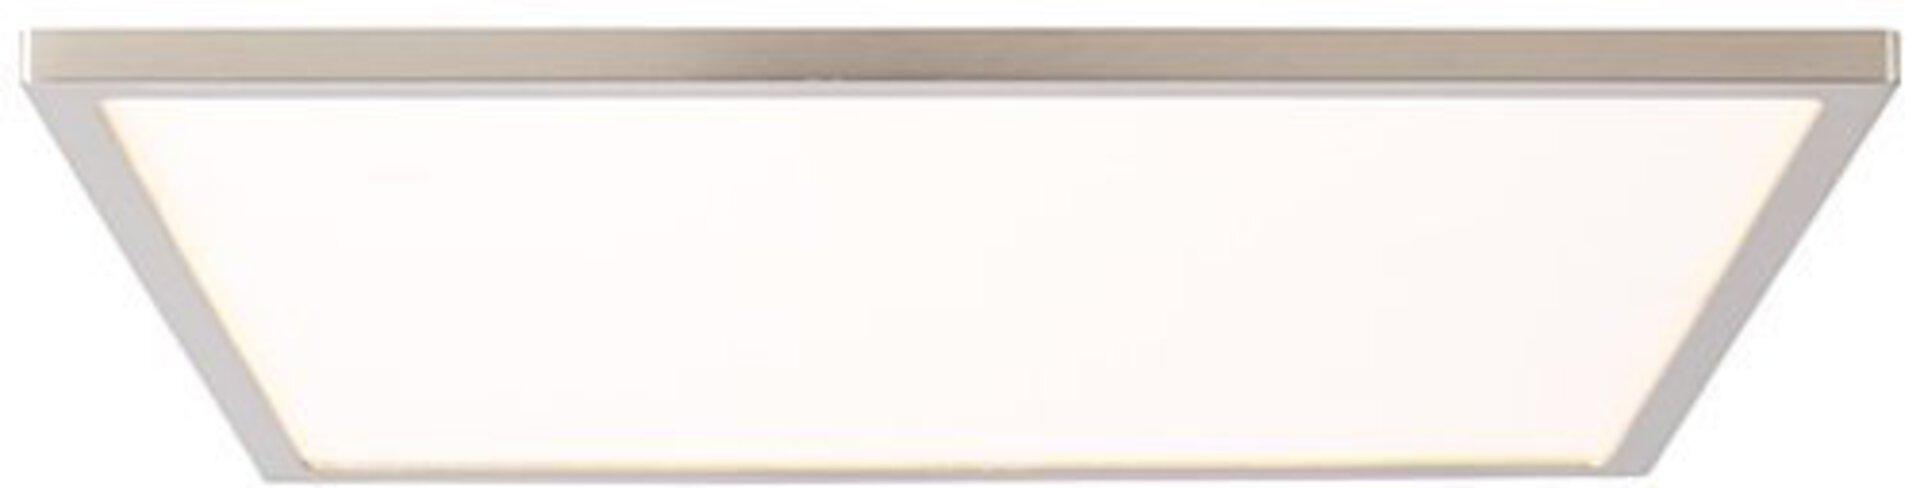 Deckenleuchte CERES Brilliant Metall 35 x 4 x 35 cm